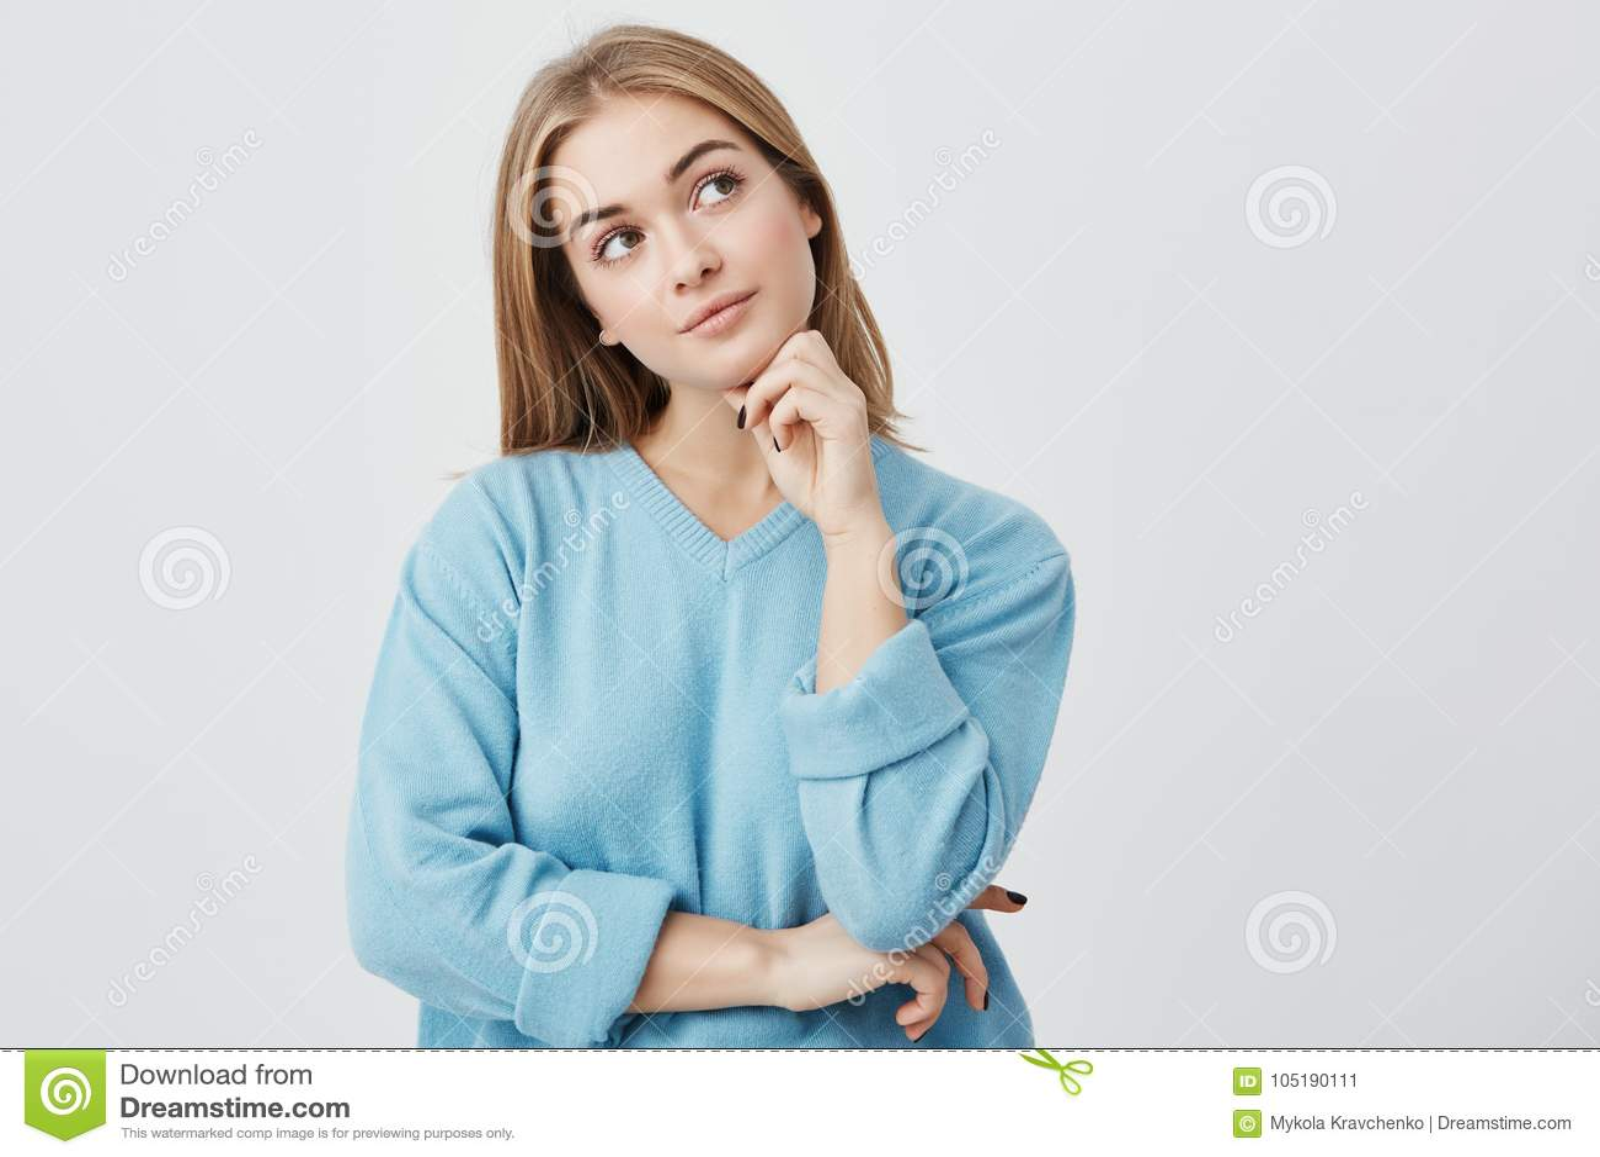 Выражения и эмоции стороны Заботливая молодая милая девушка в голубом свитере держа руку под ее головой, имеющ сомнительное